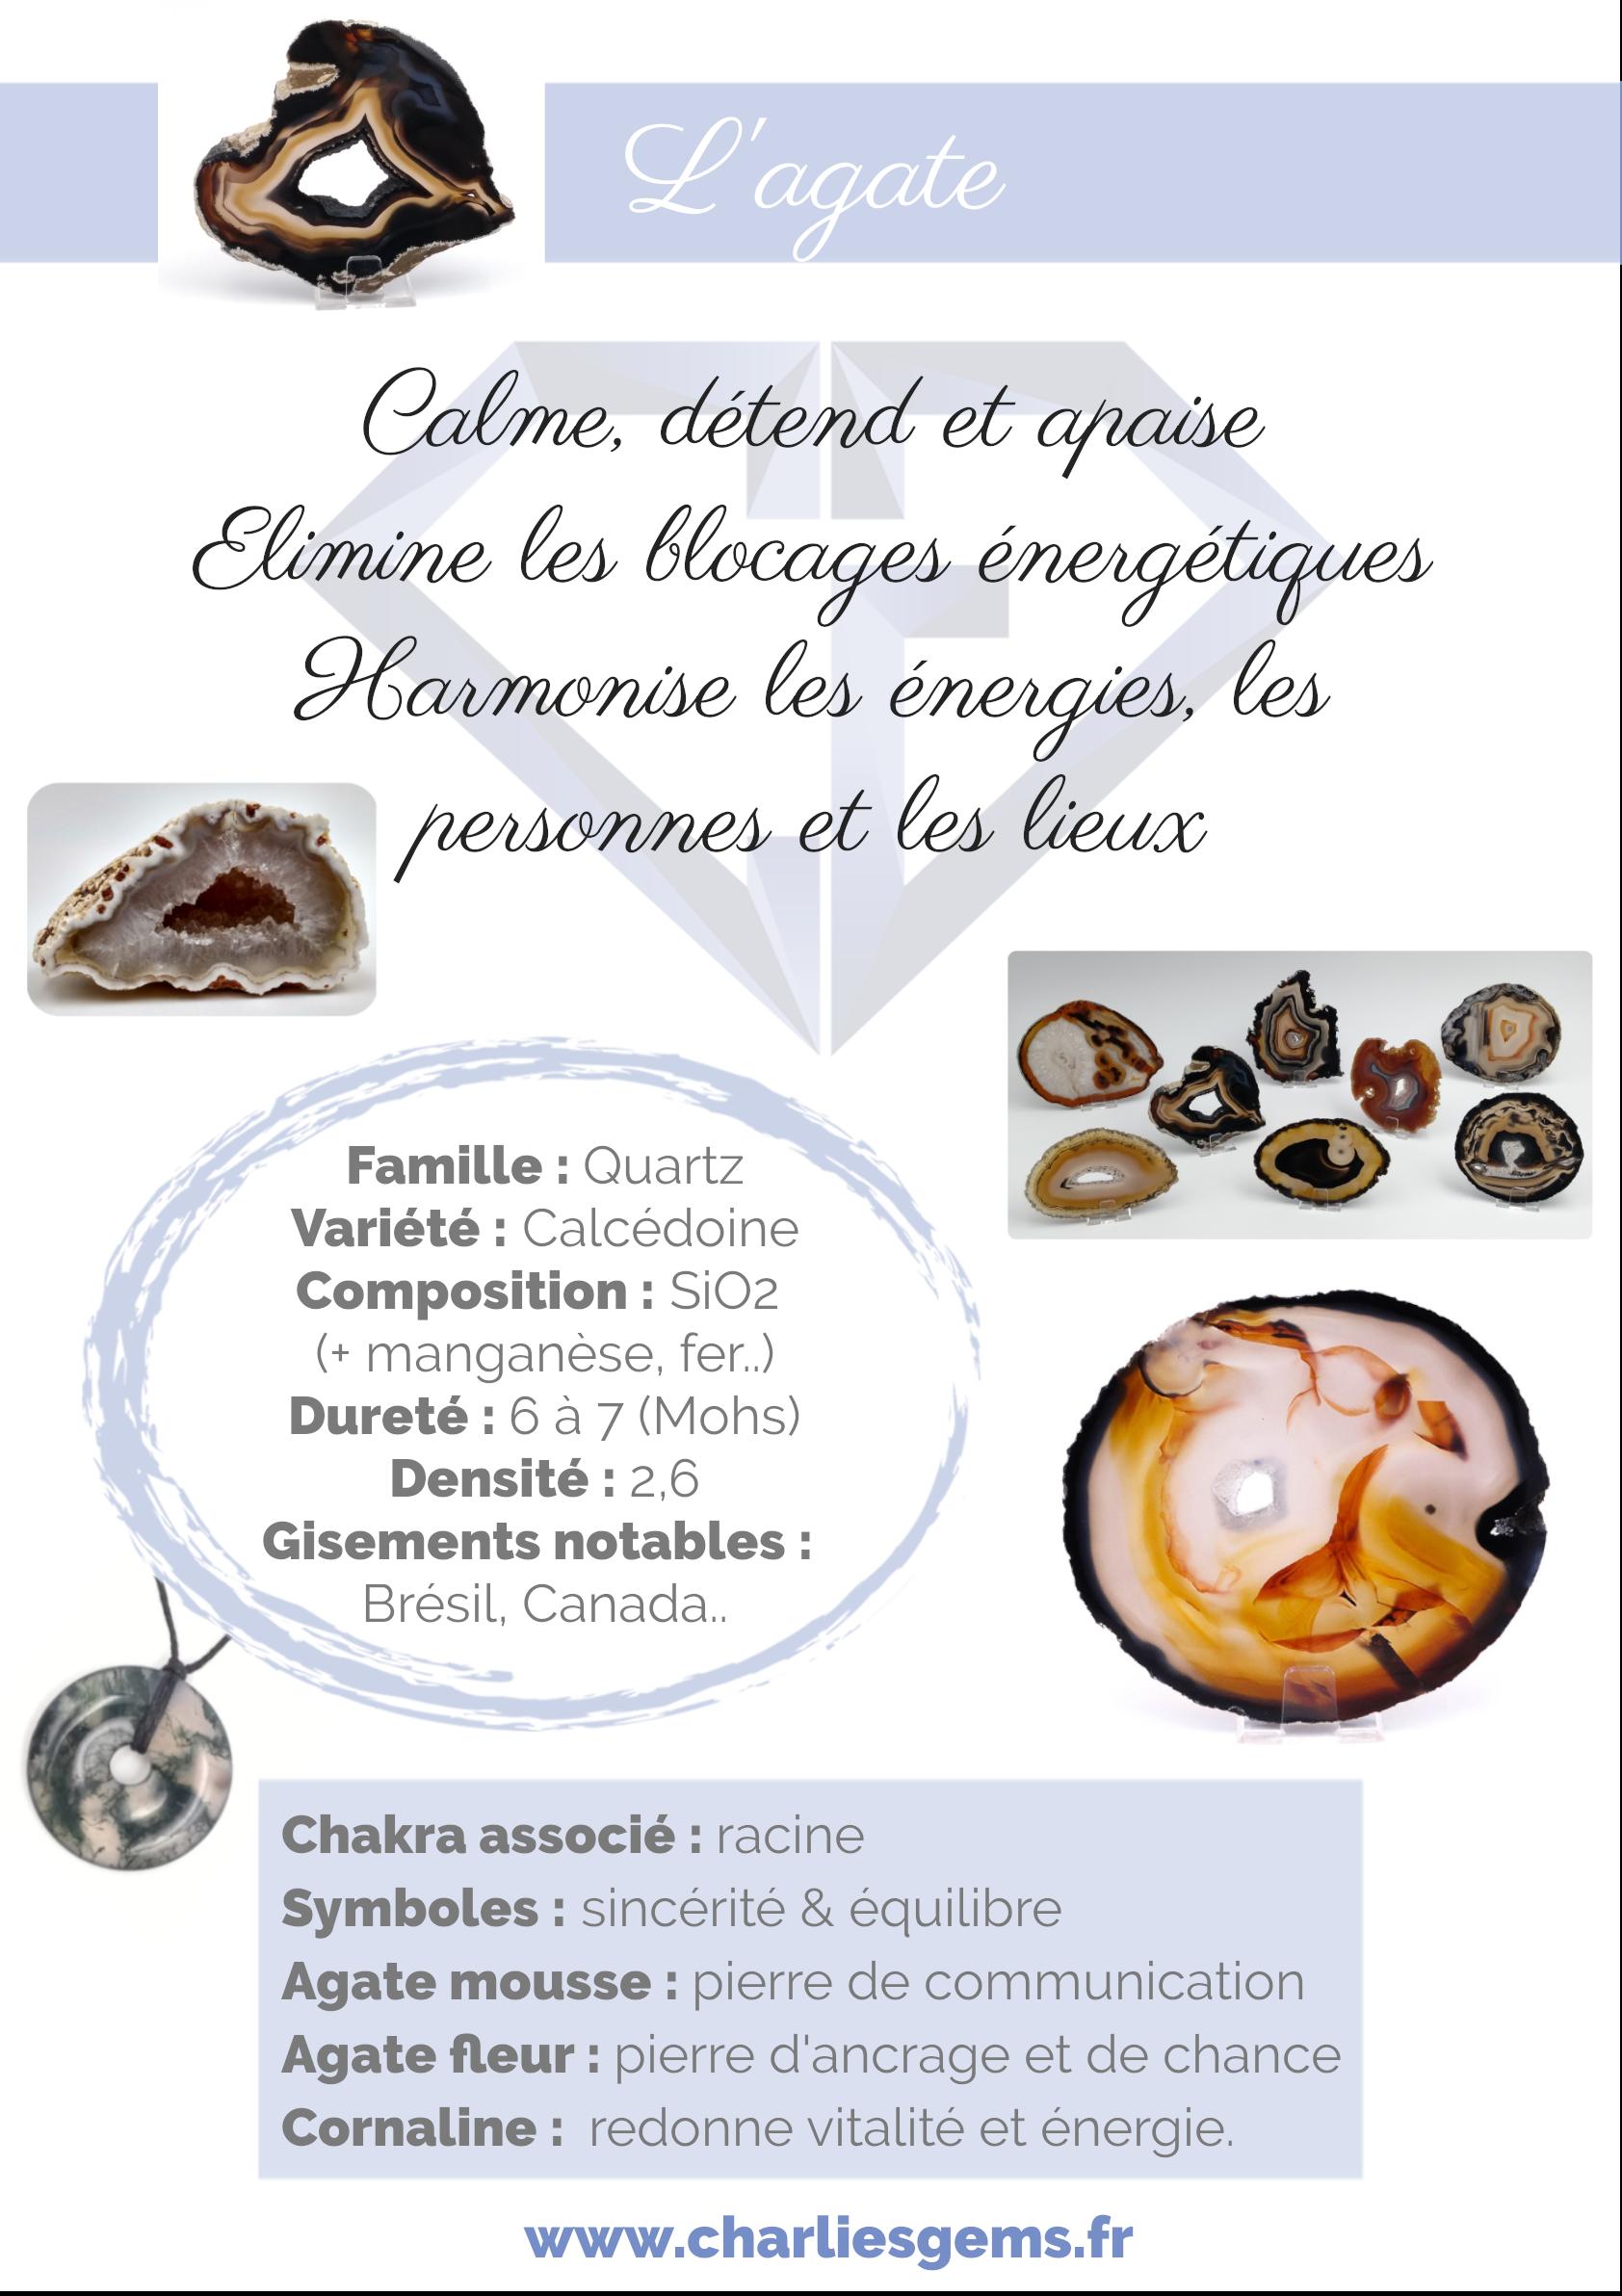 Fiche de présentation de l'Agate (description, lithothérapie, propriétés)- Par Charlie's Gems